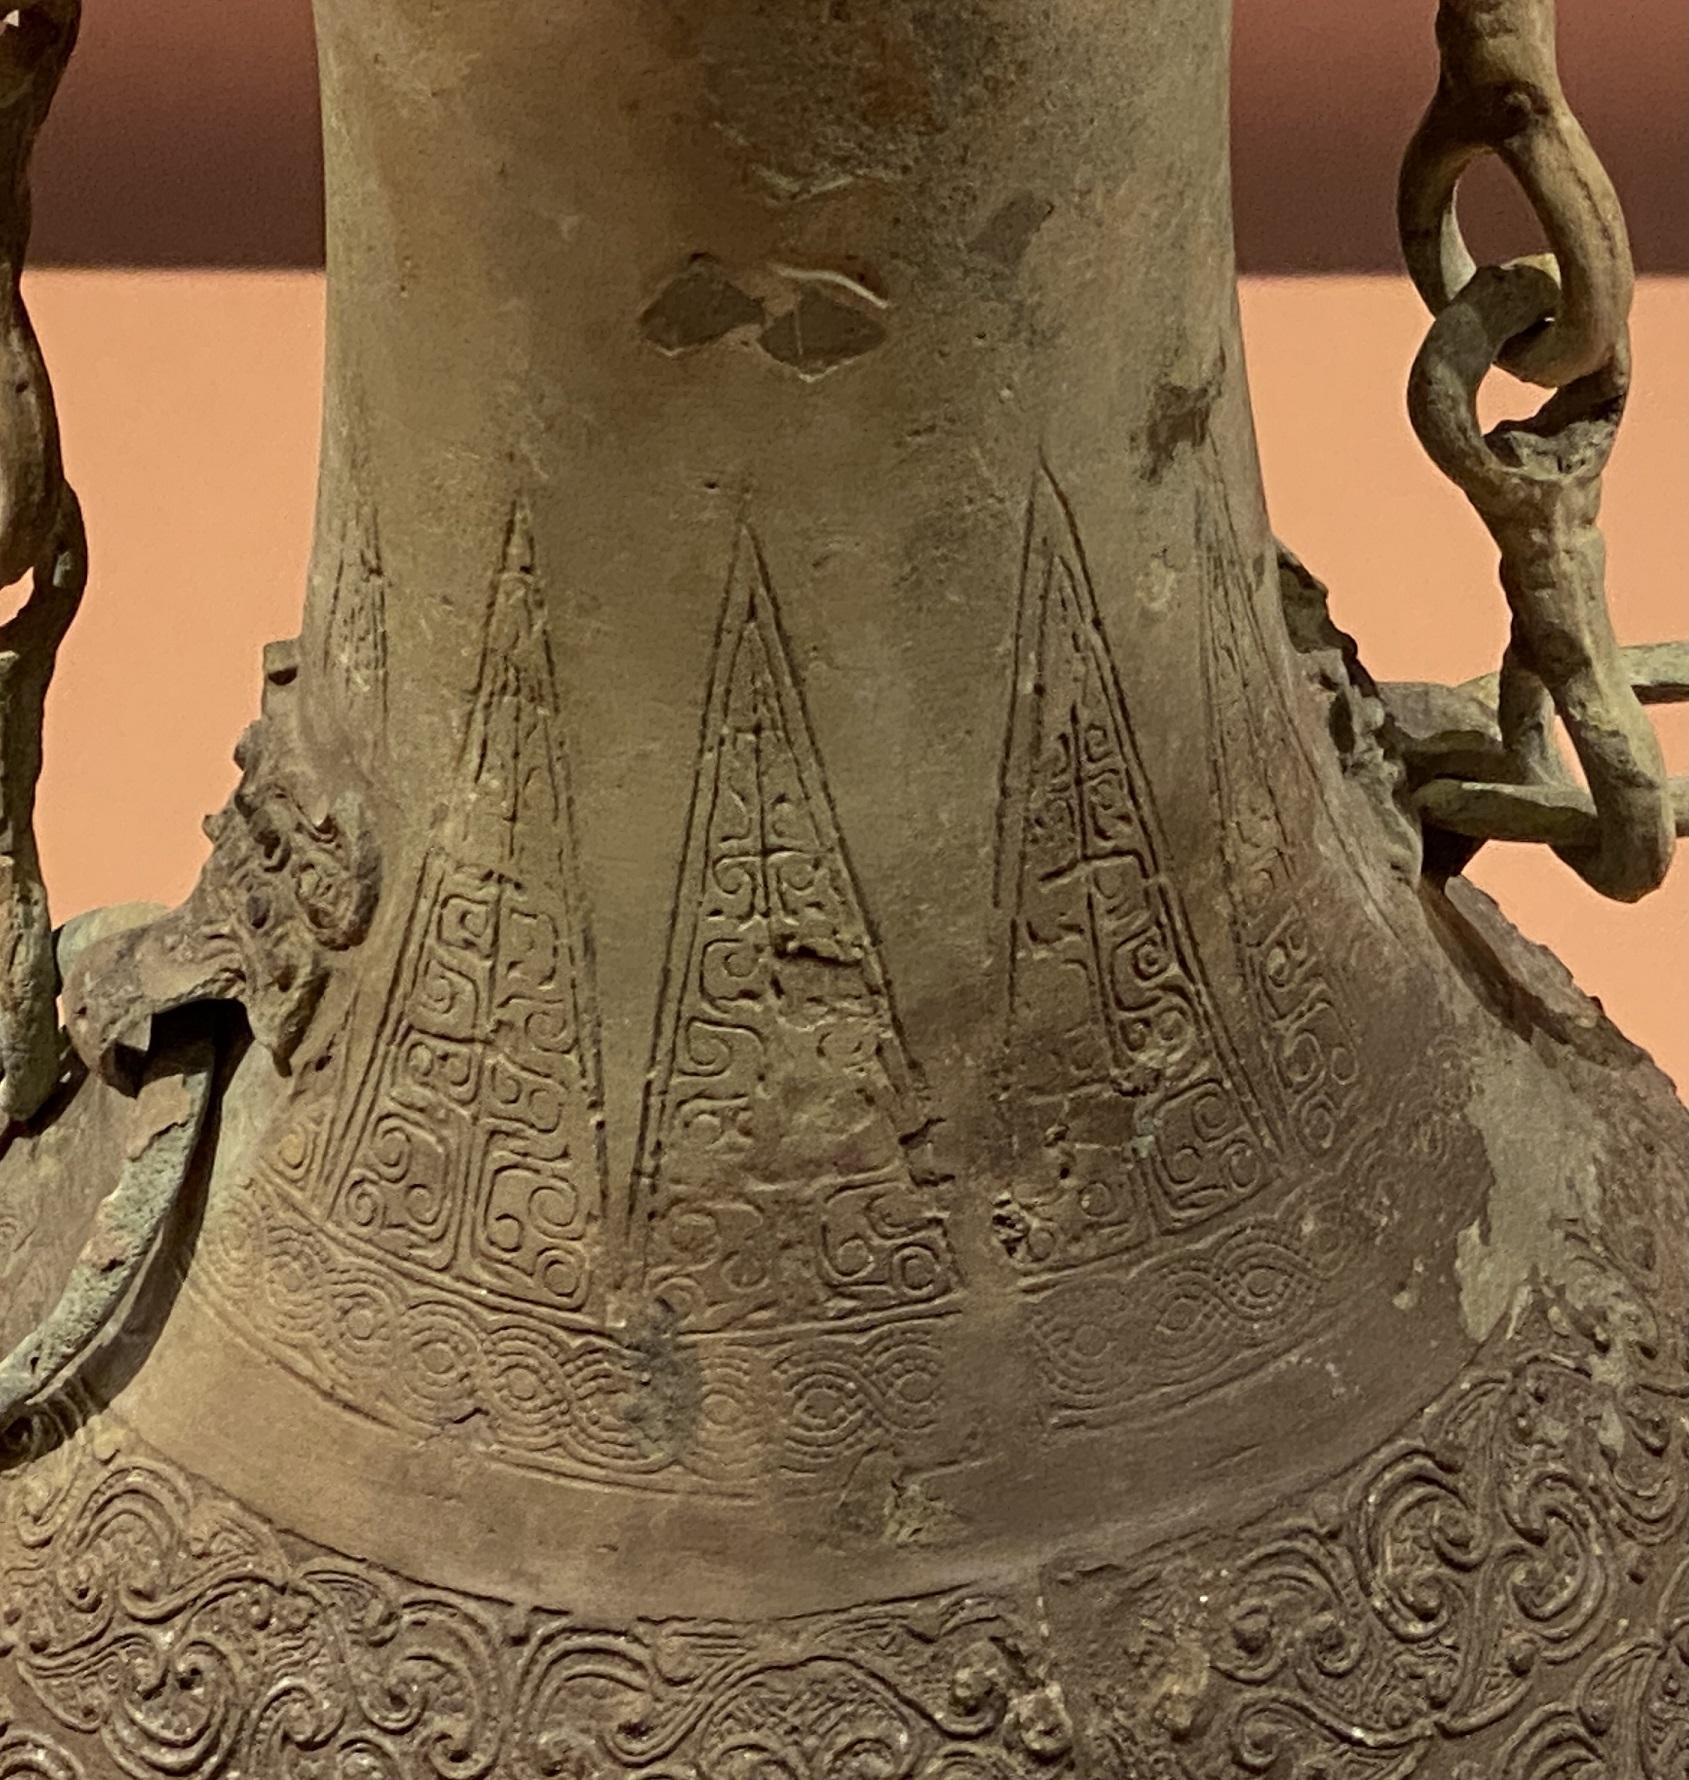 蟠螭紋銅提梁壺-戦国時代-特別展【食味人間】四川博物院・中国国家博物館